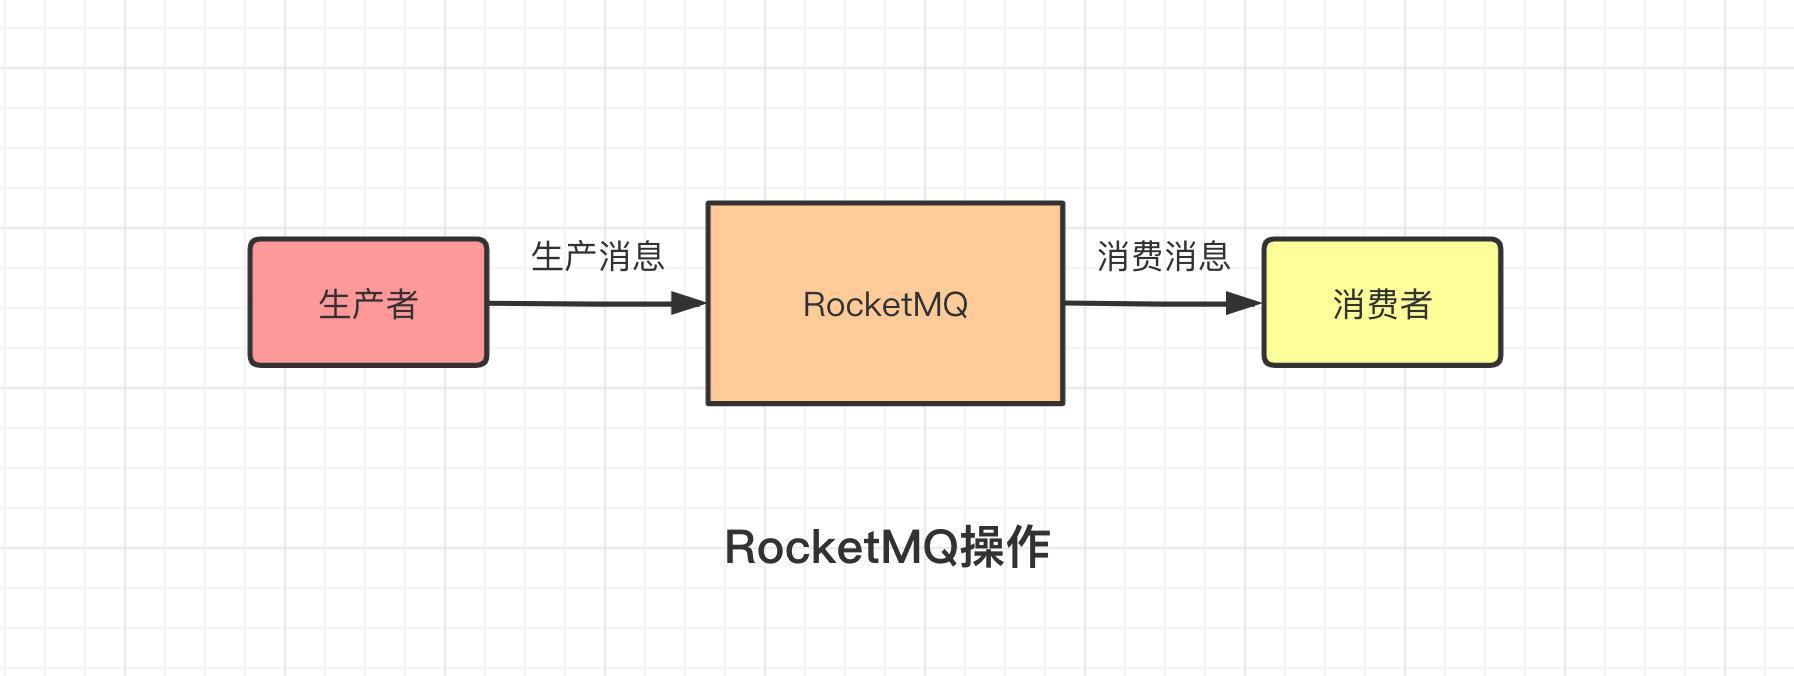 RocketMQ操作